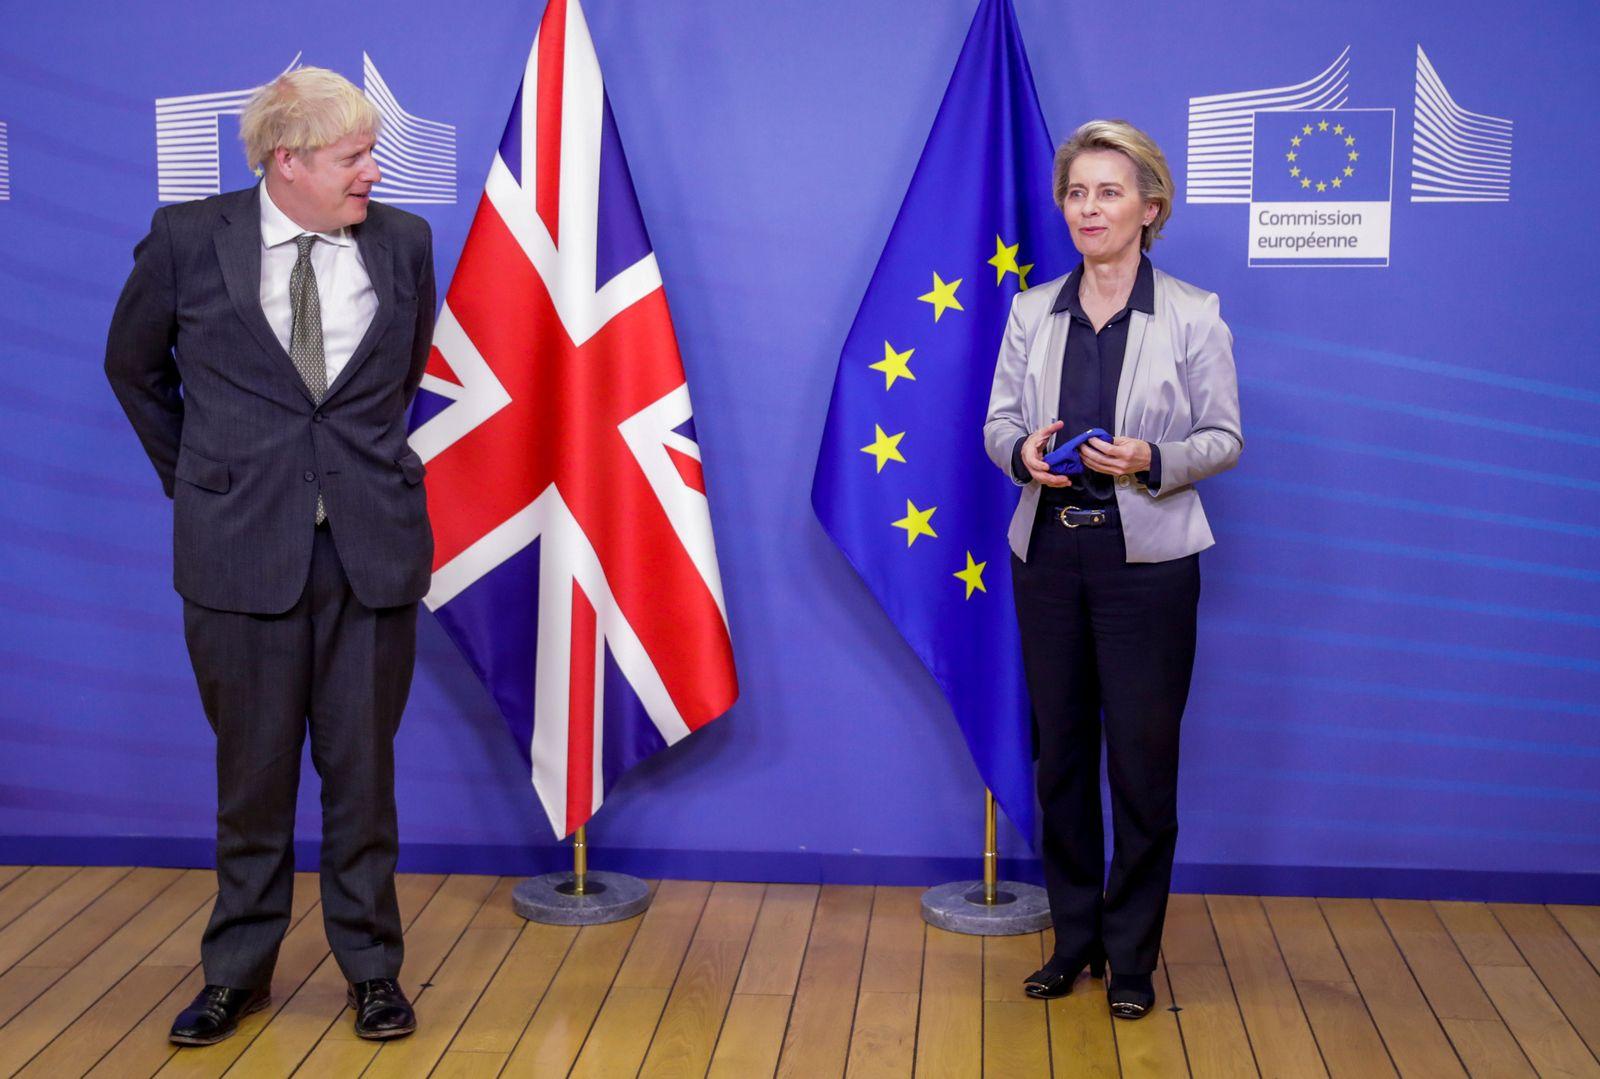 Post Brexit trade deal talks, Brussels, Belgium - 09 Dec 2020